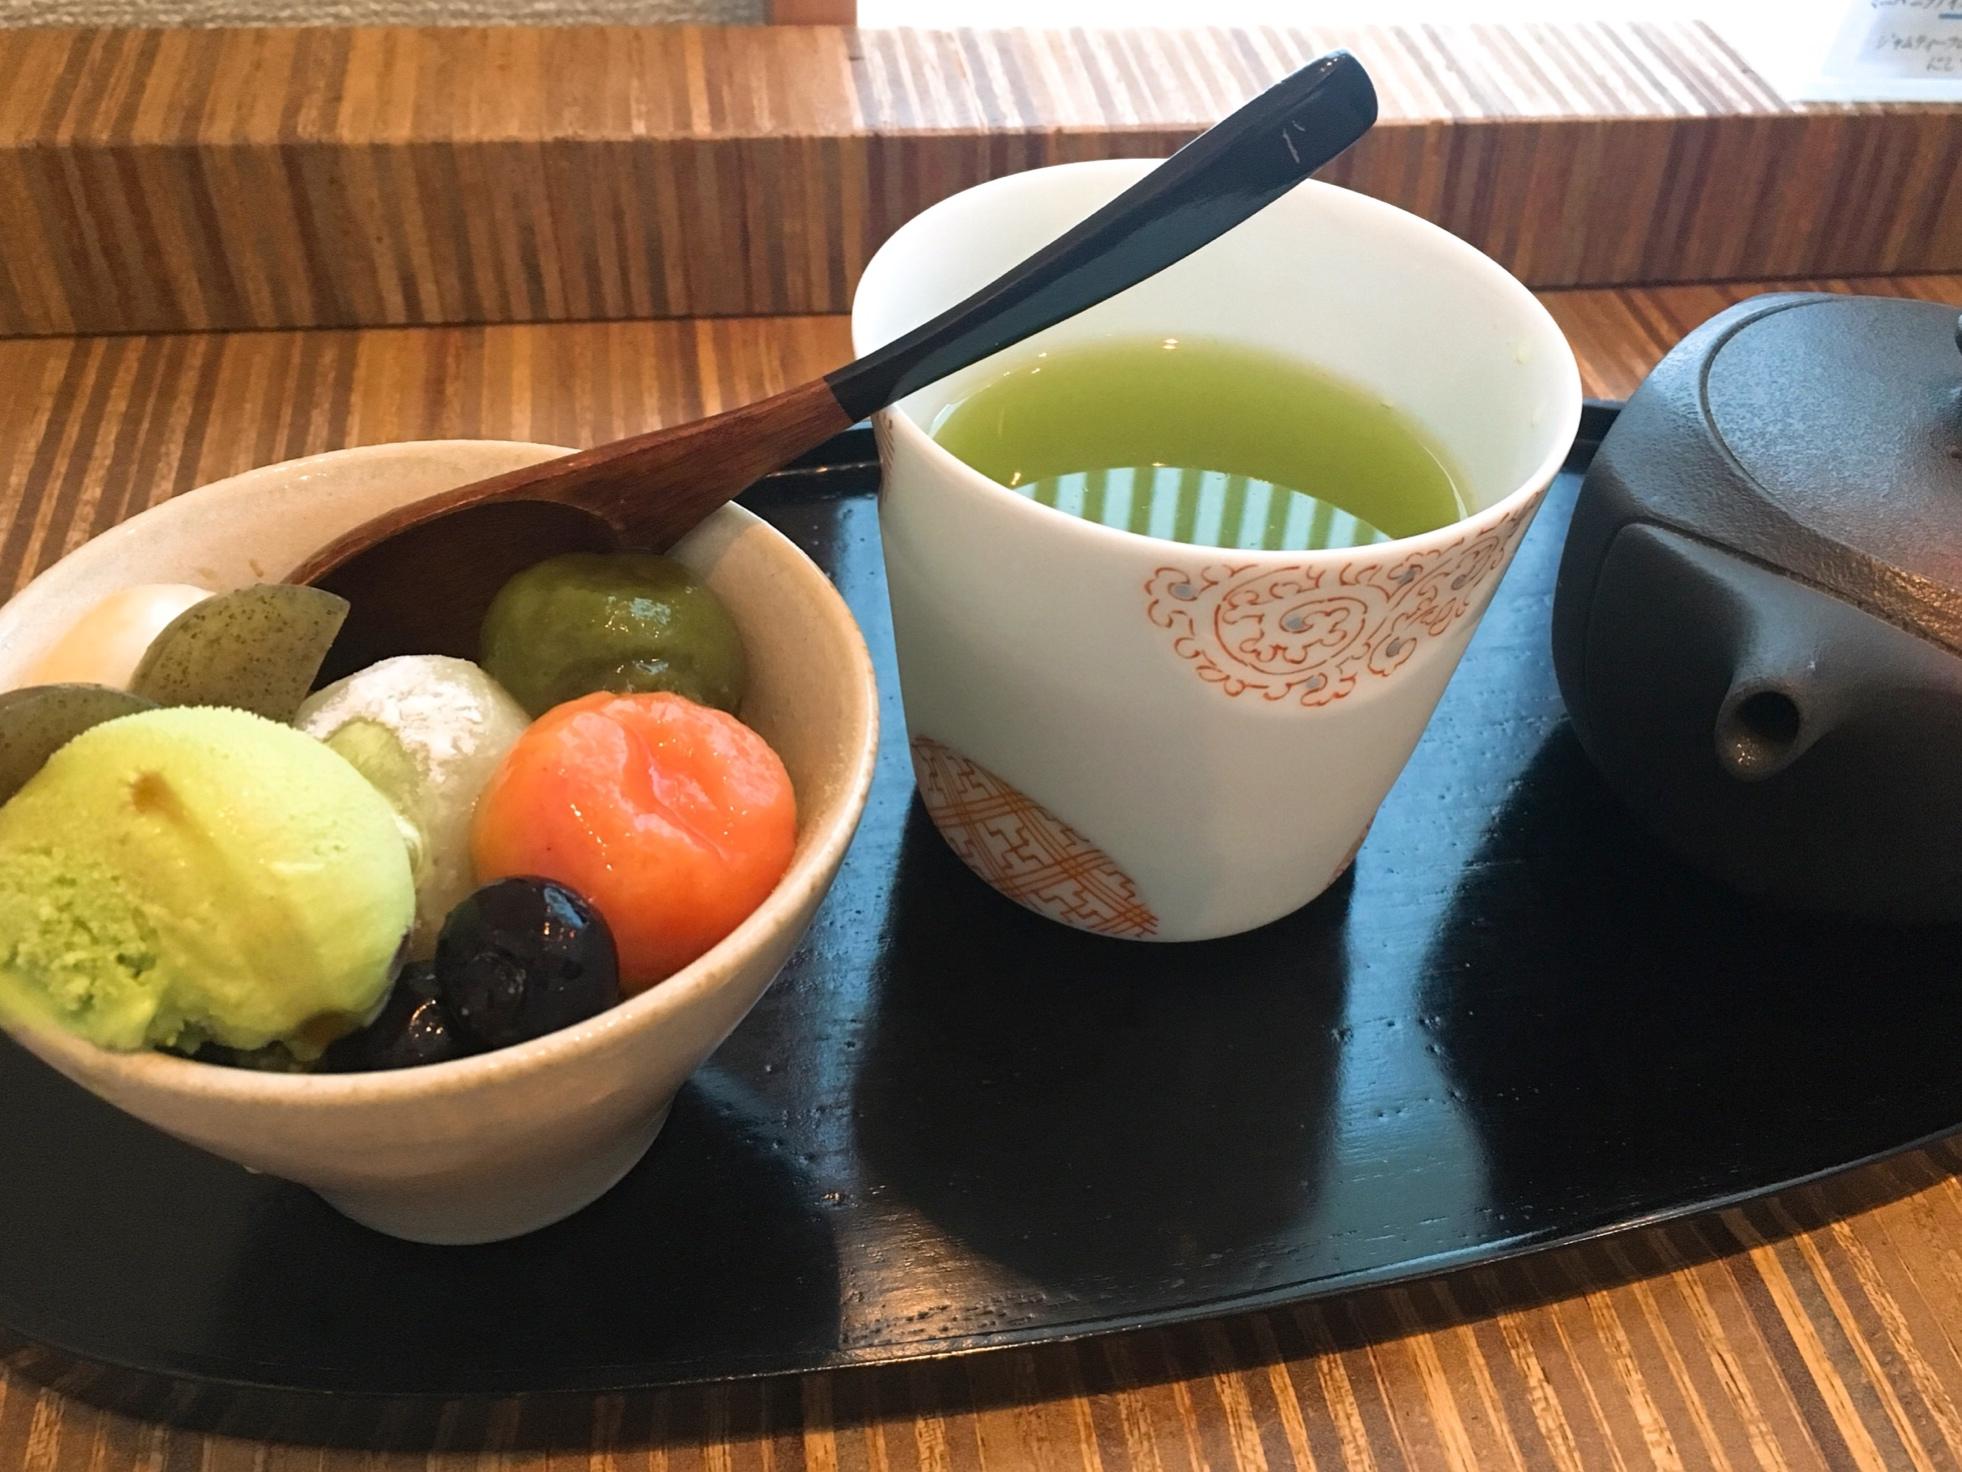 国際センター 本格的なお茶を味わうならここ!名古屋が誇る日本茶専門店